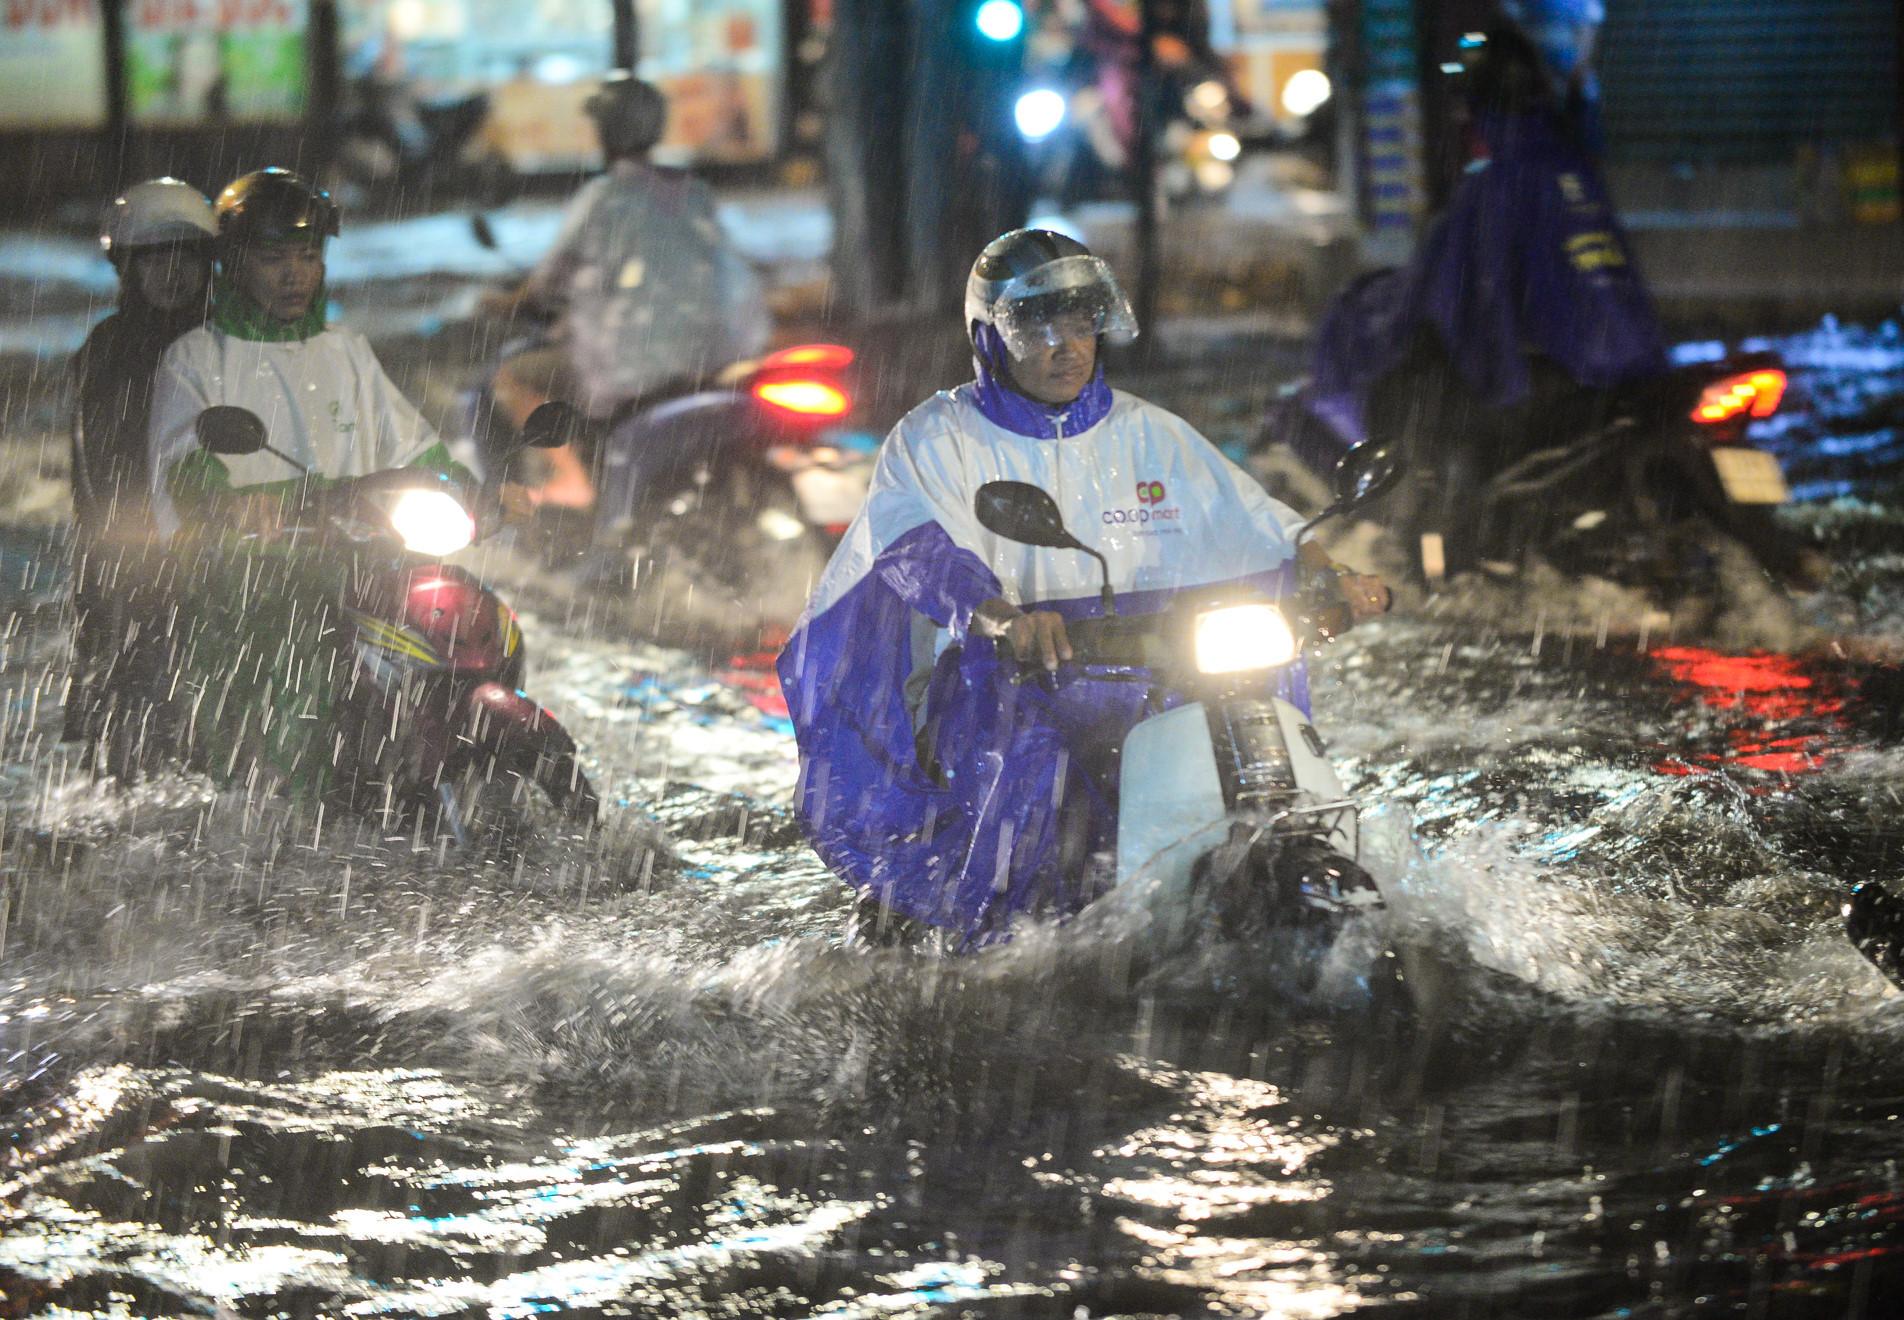 TP.HCM lên phương án sơ tán người trước ảnh hưởng của bão số 12